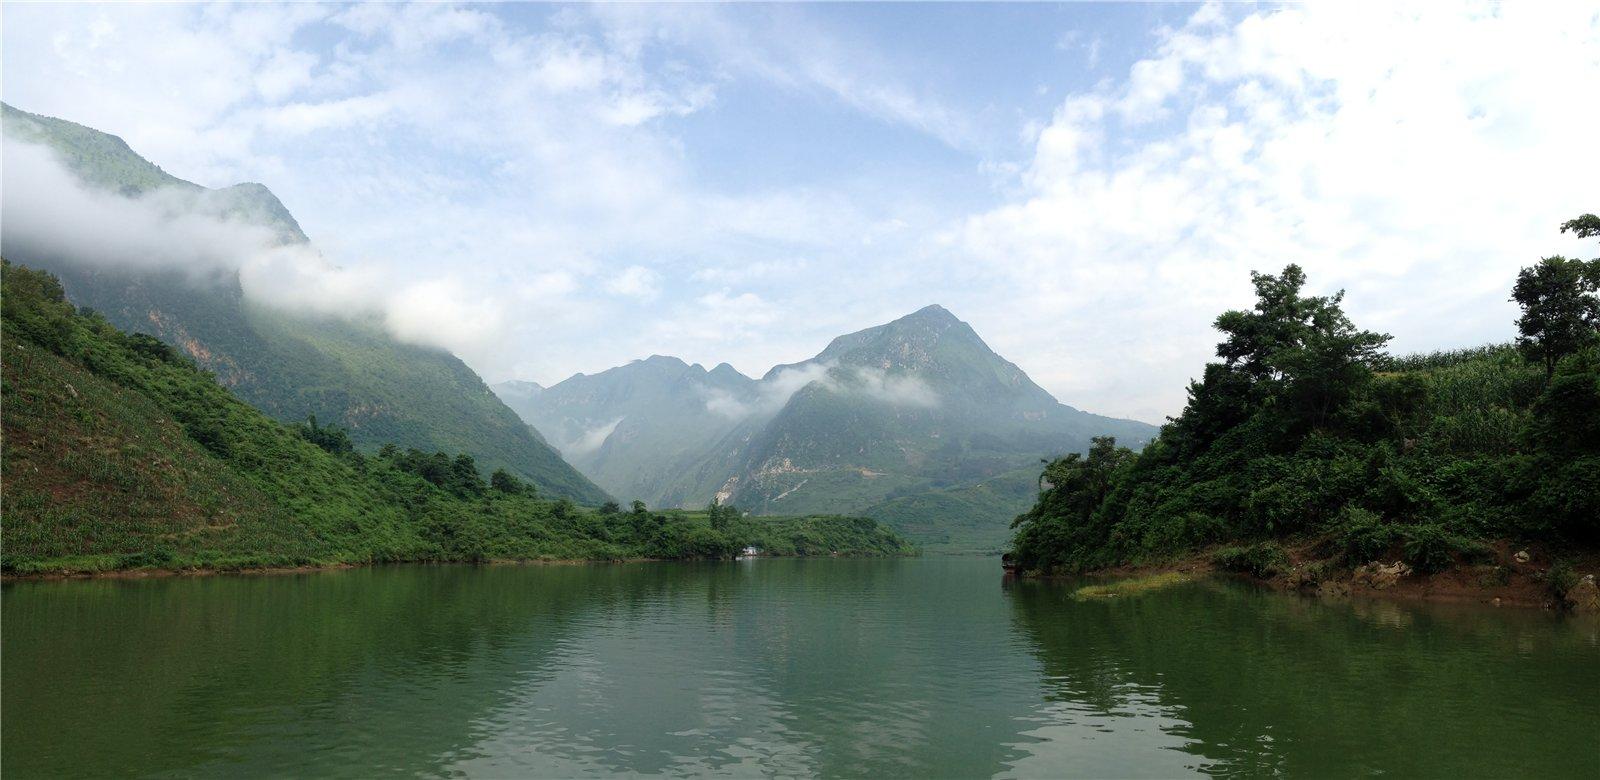 【壮乡风情】山水间寻访时空密码